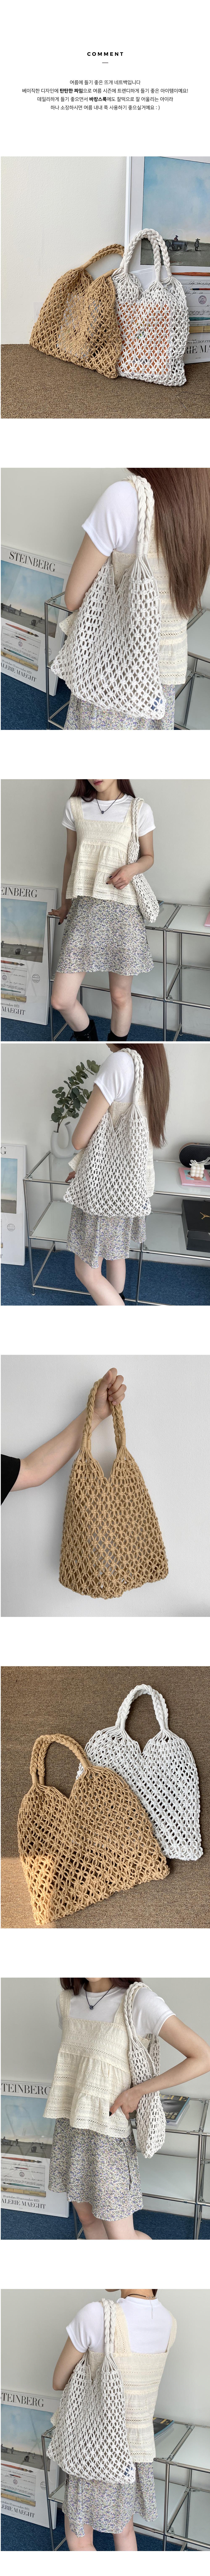 Rotor Summer Knitting Net Net Bag